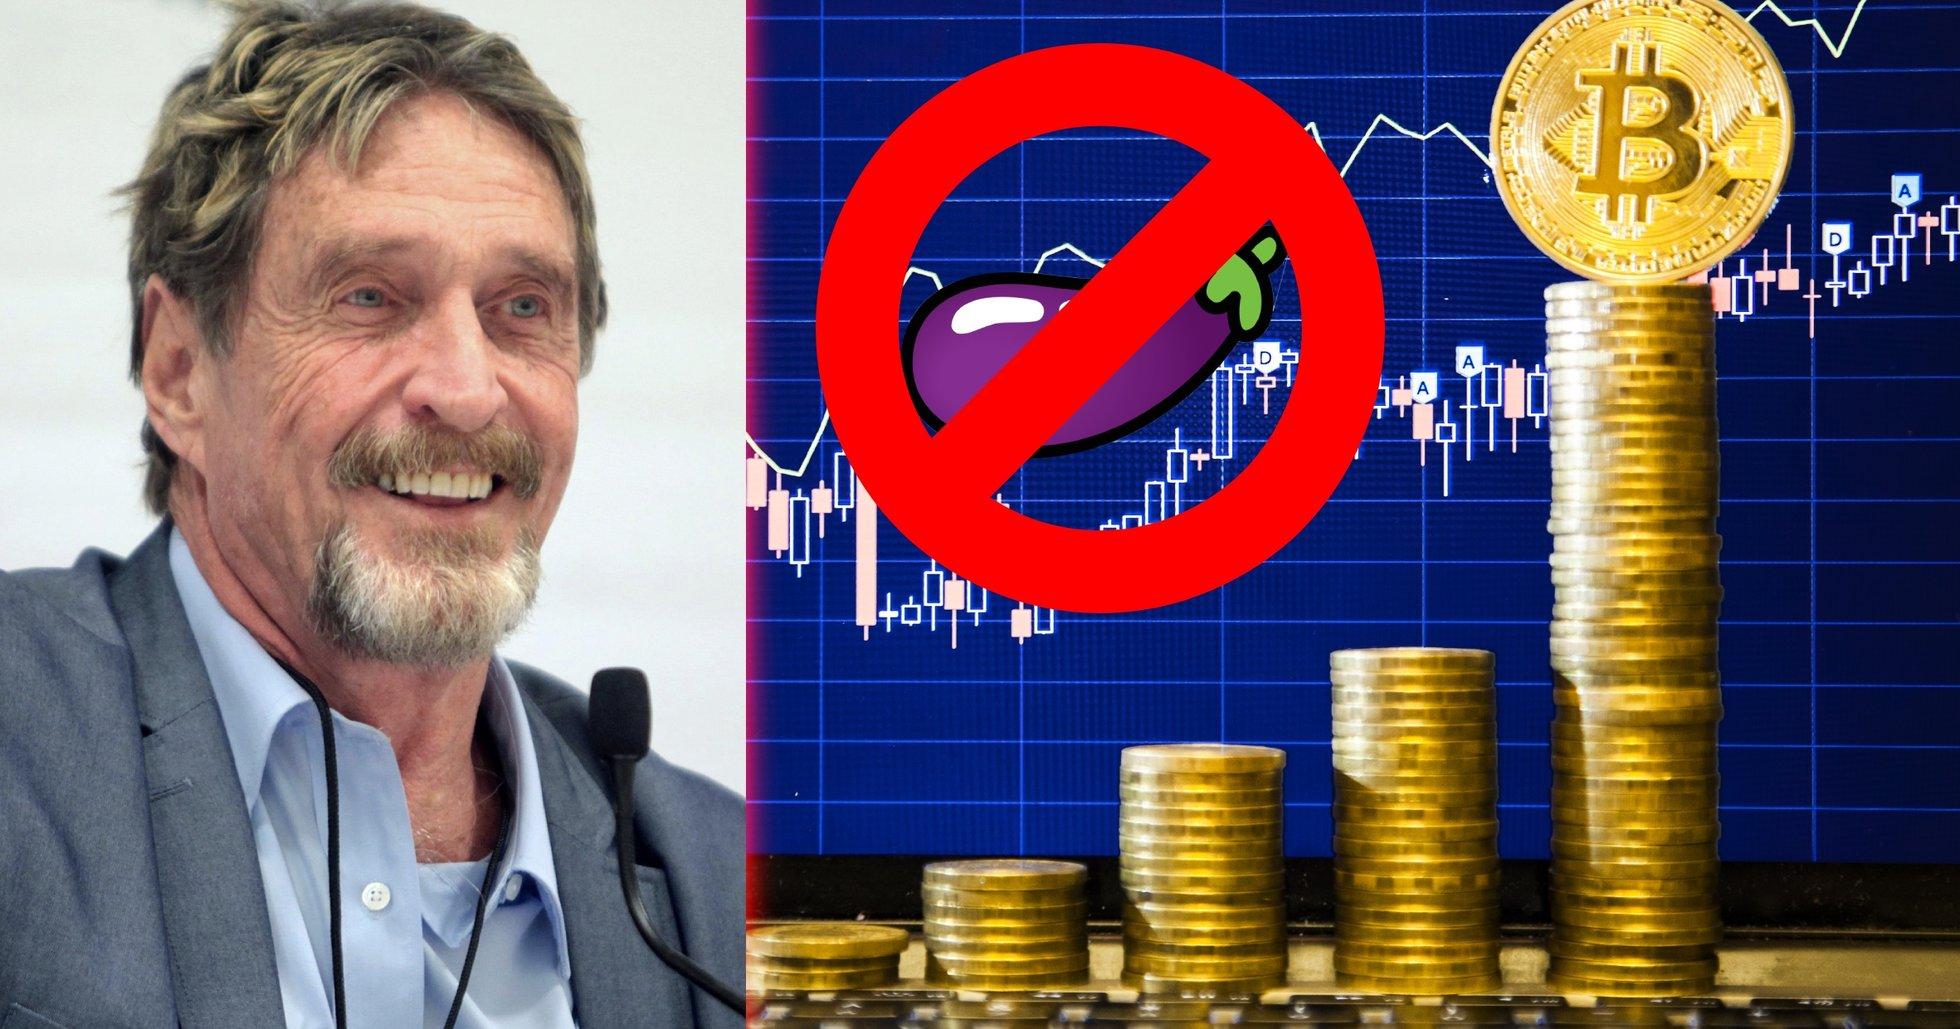 John McAfee backar från sitt penislöfte – och dissar bitcoin